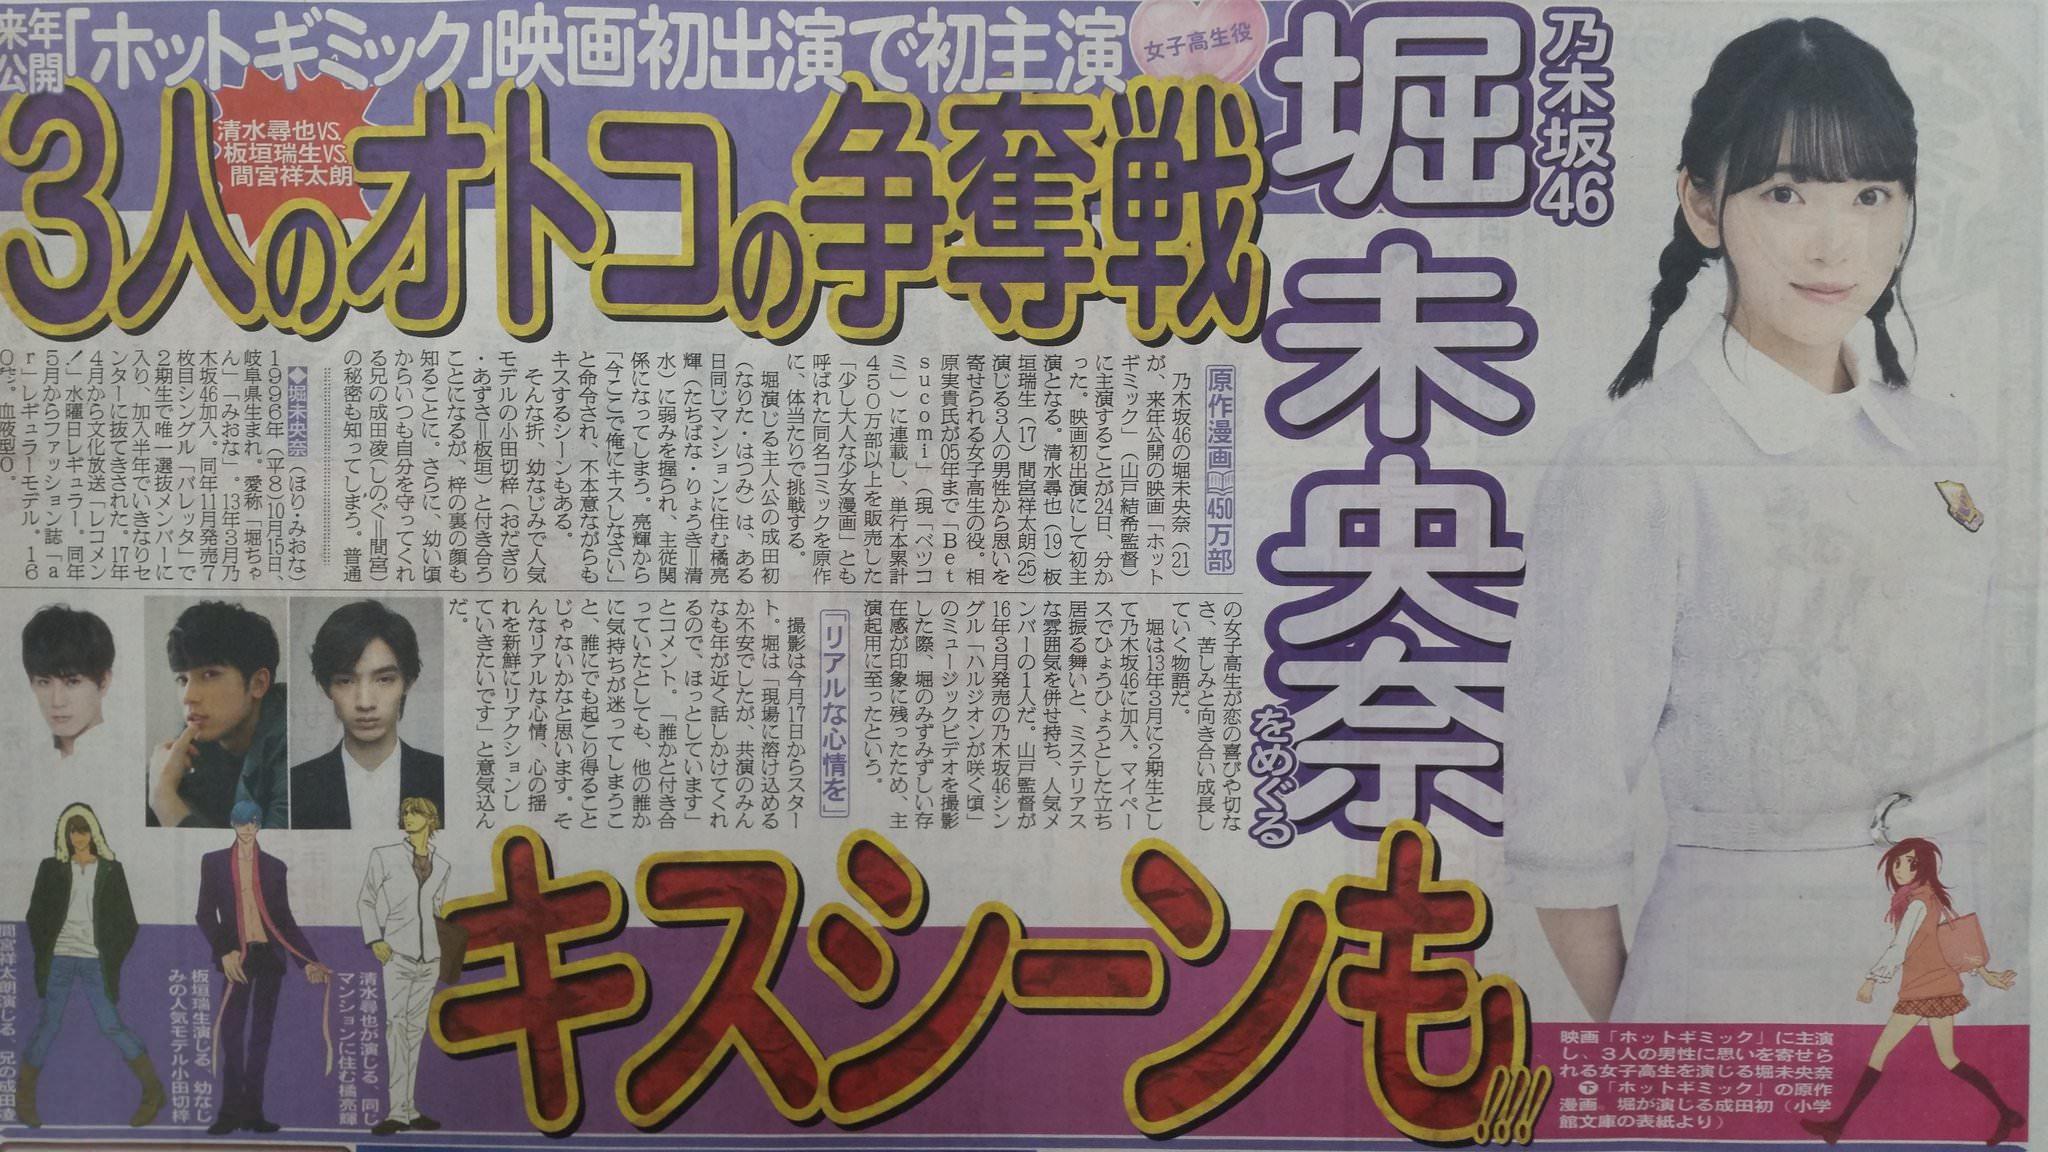 堀未央奈 映画『ホットギミック』